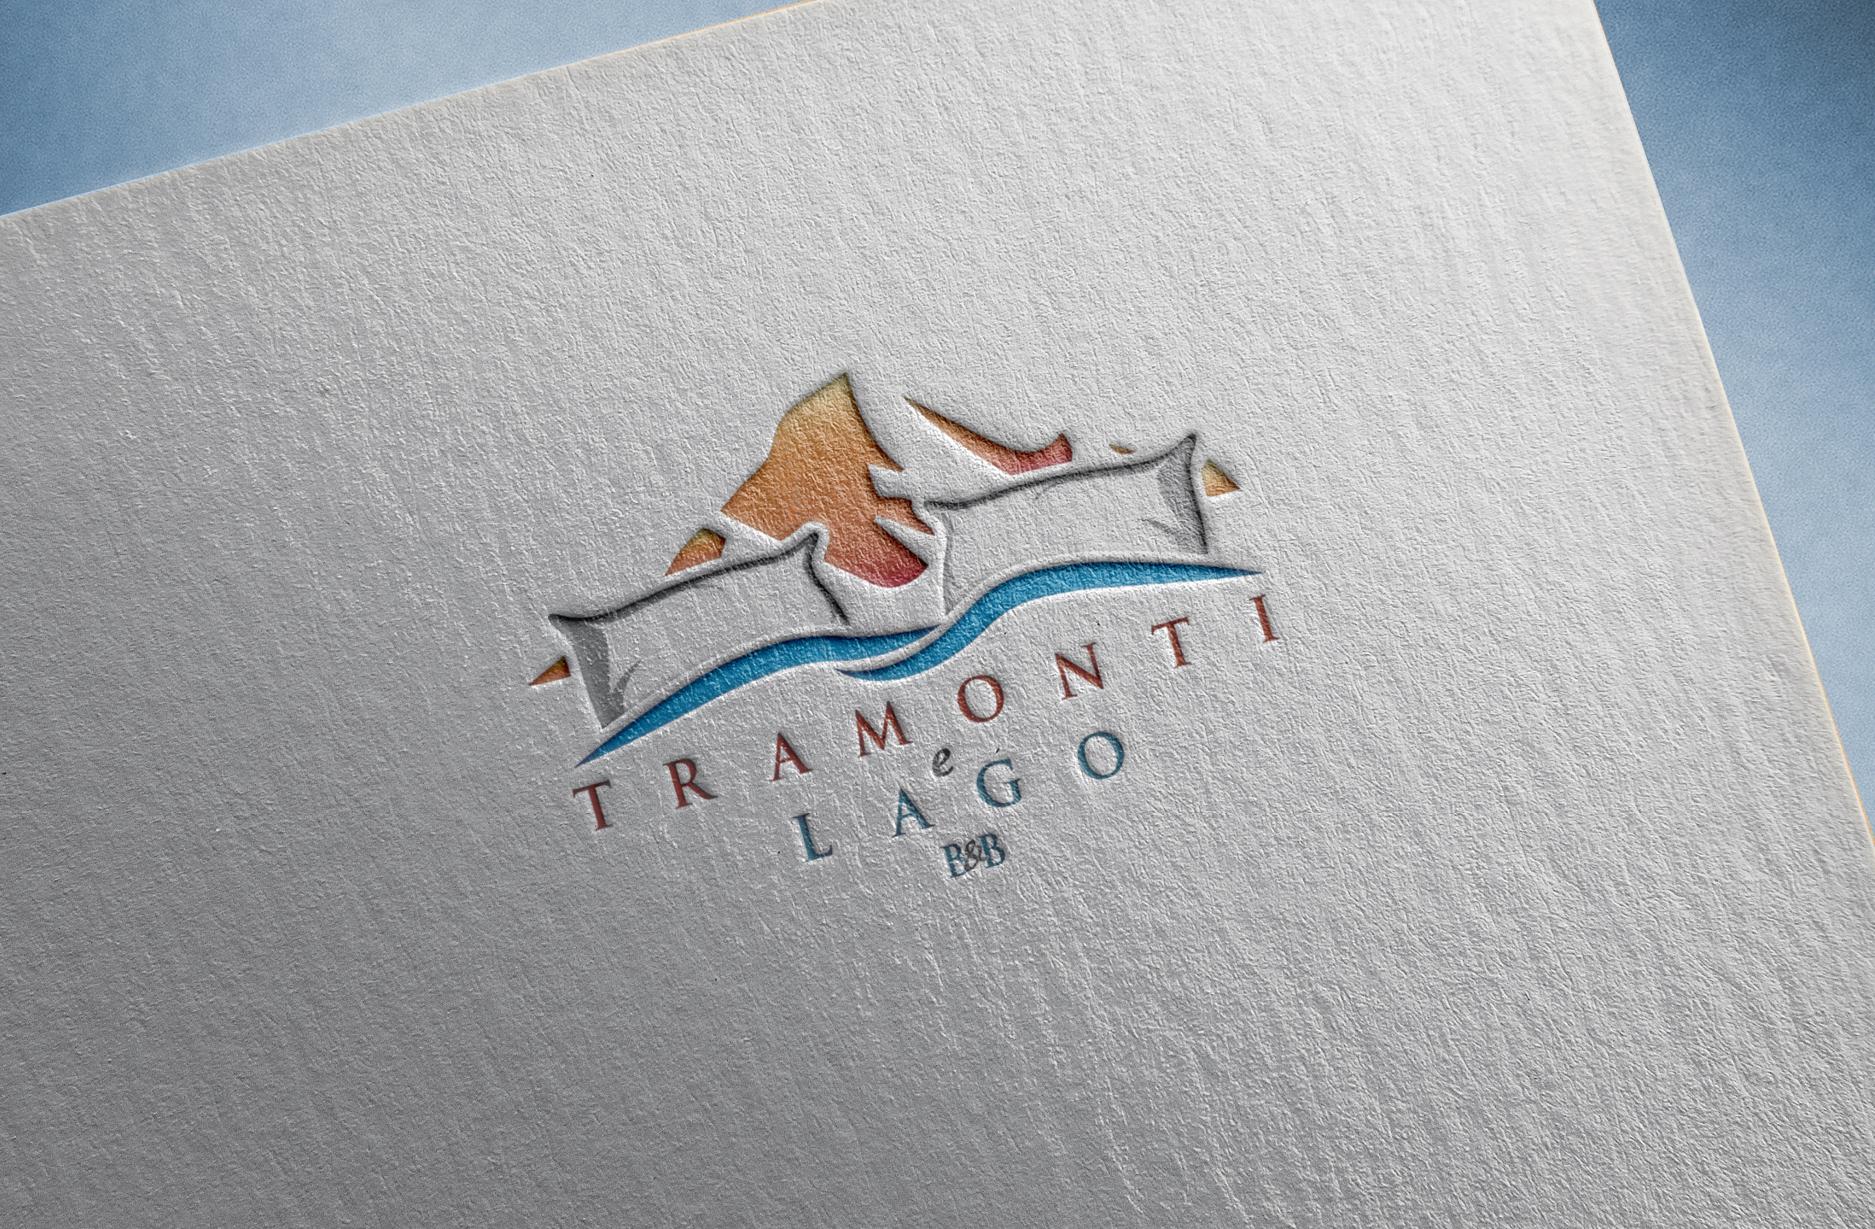 TRAMONTI-E-LAGO-900X590